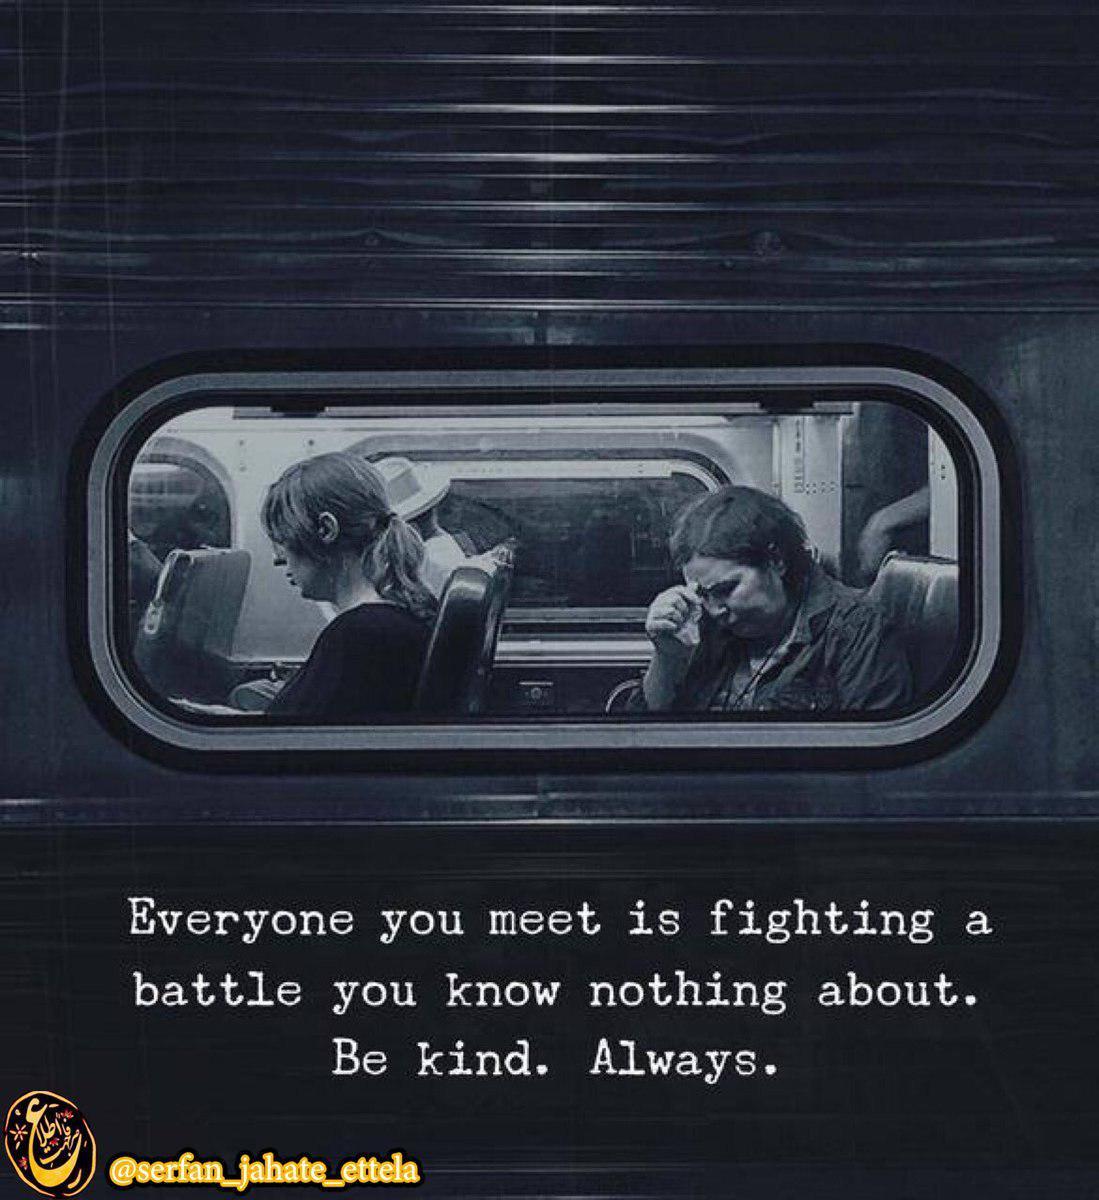 هرکسی که ملاقات میکنید در حال جنگ در میدانیست که شما هیچ چیز دربارهاش  نمیدانید!